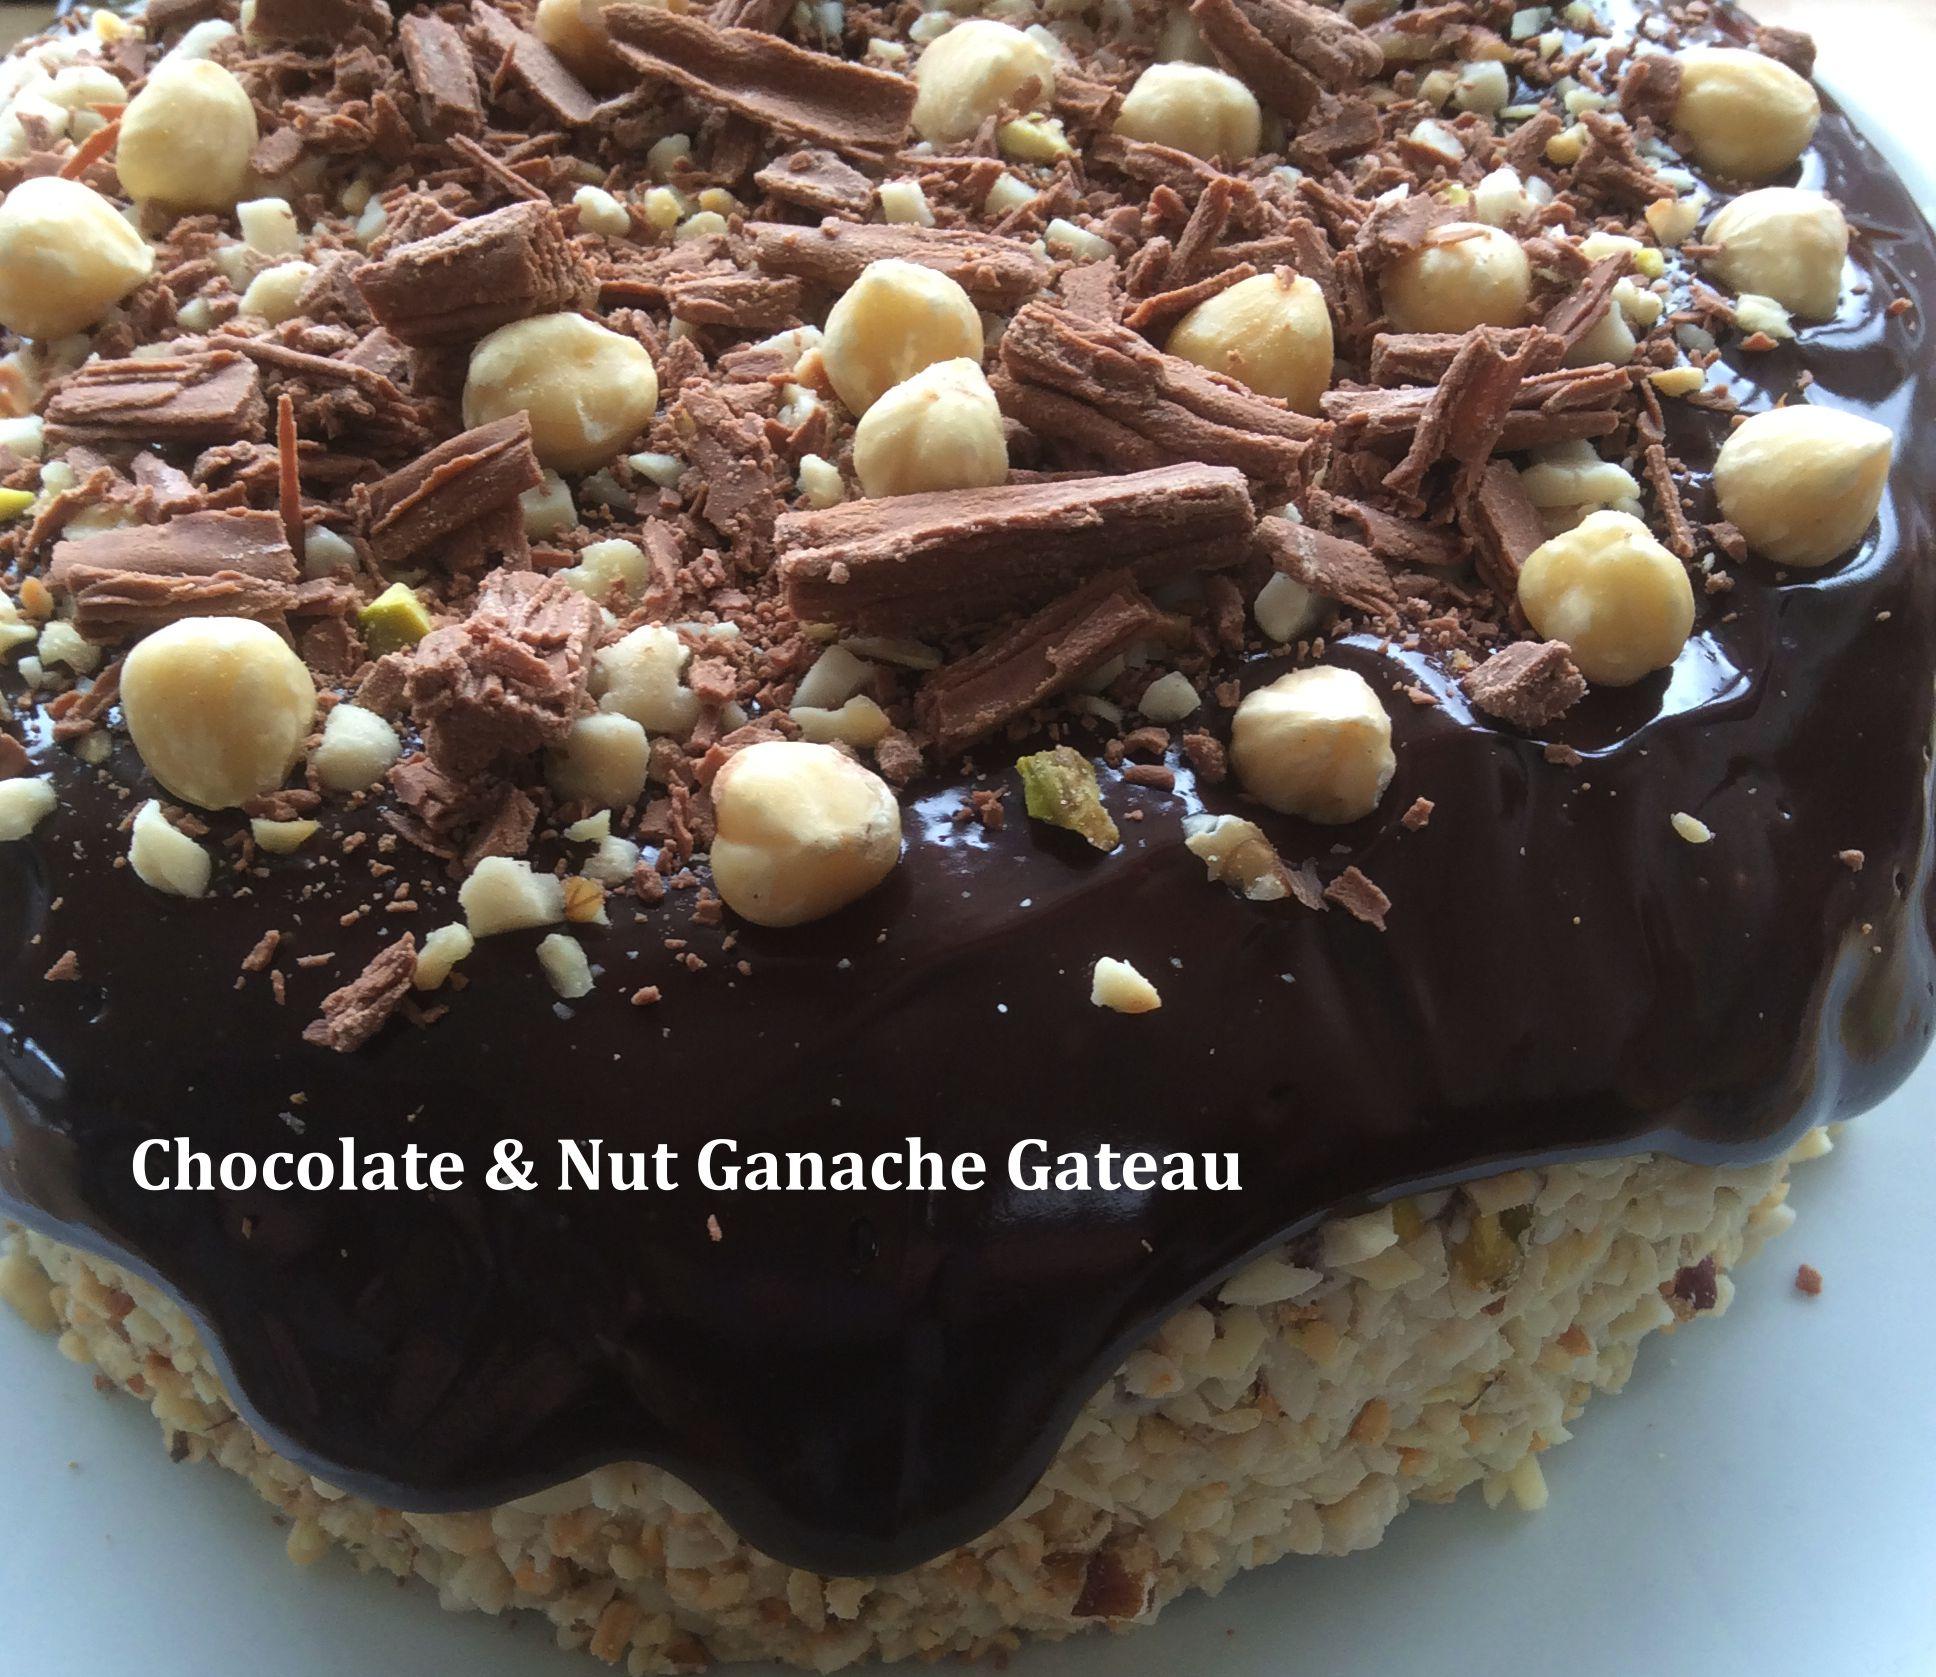 Chocolate & Nut Ganache Gateau